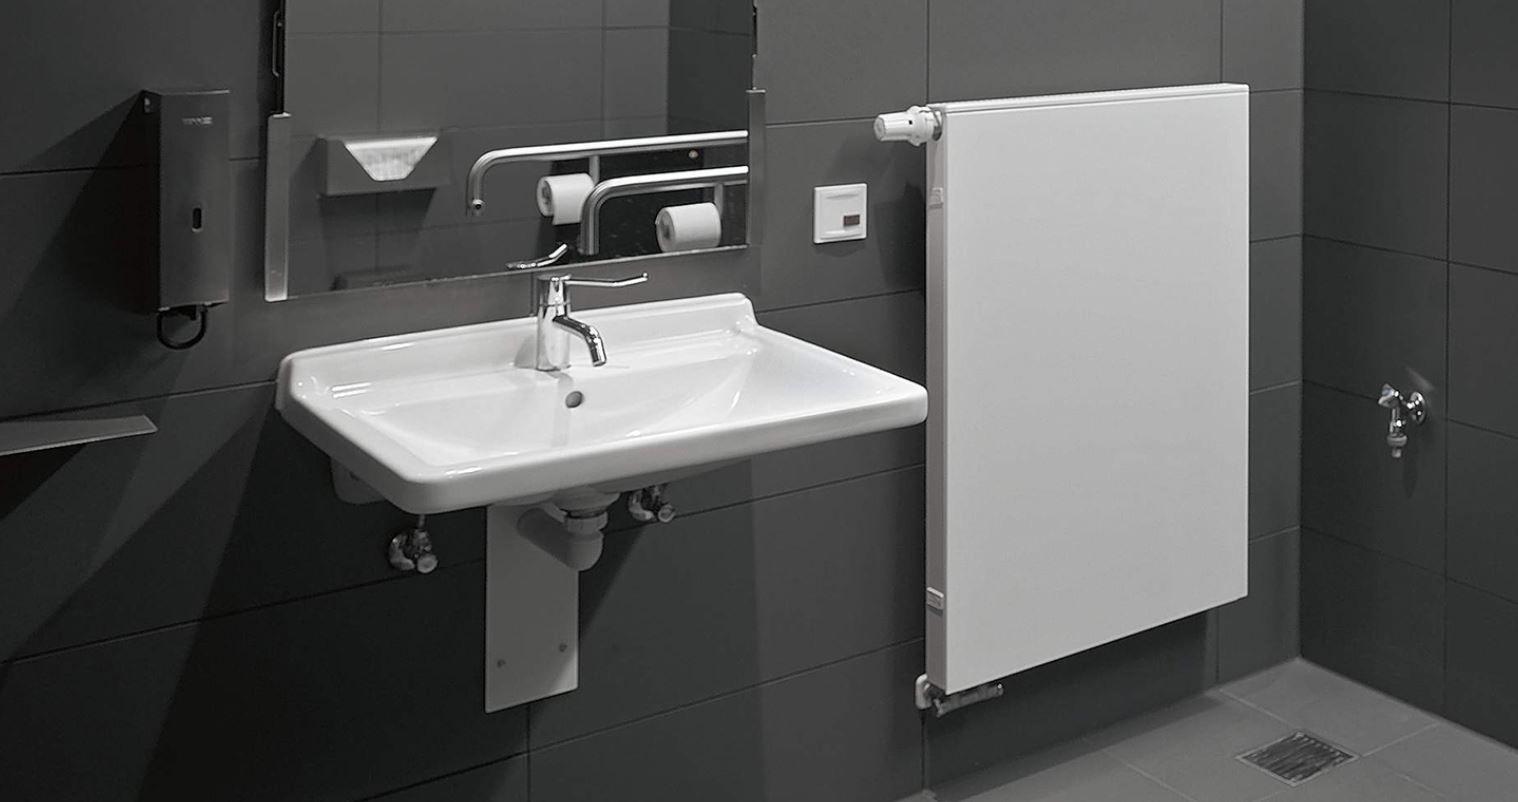 Lavabos para discapacitados y minusvalidos ba os para for Altura lavabo minusvalidos